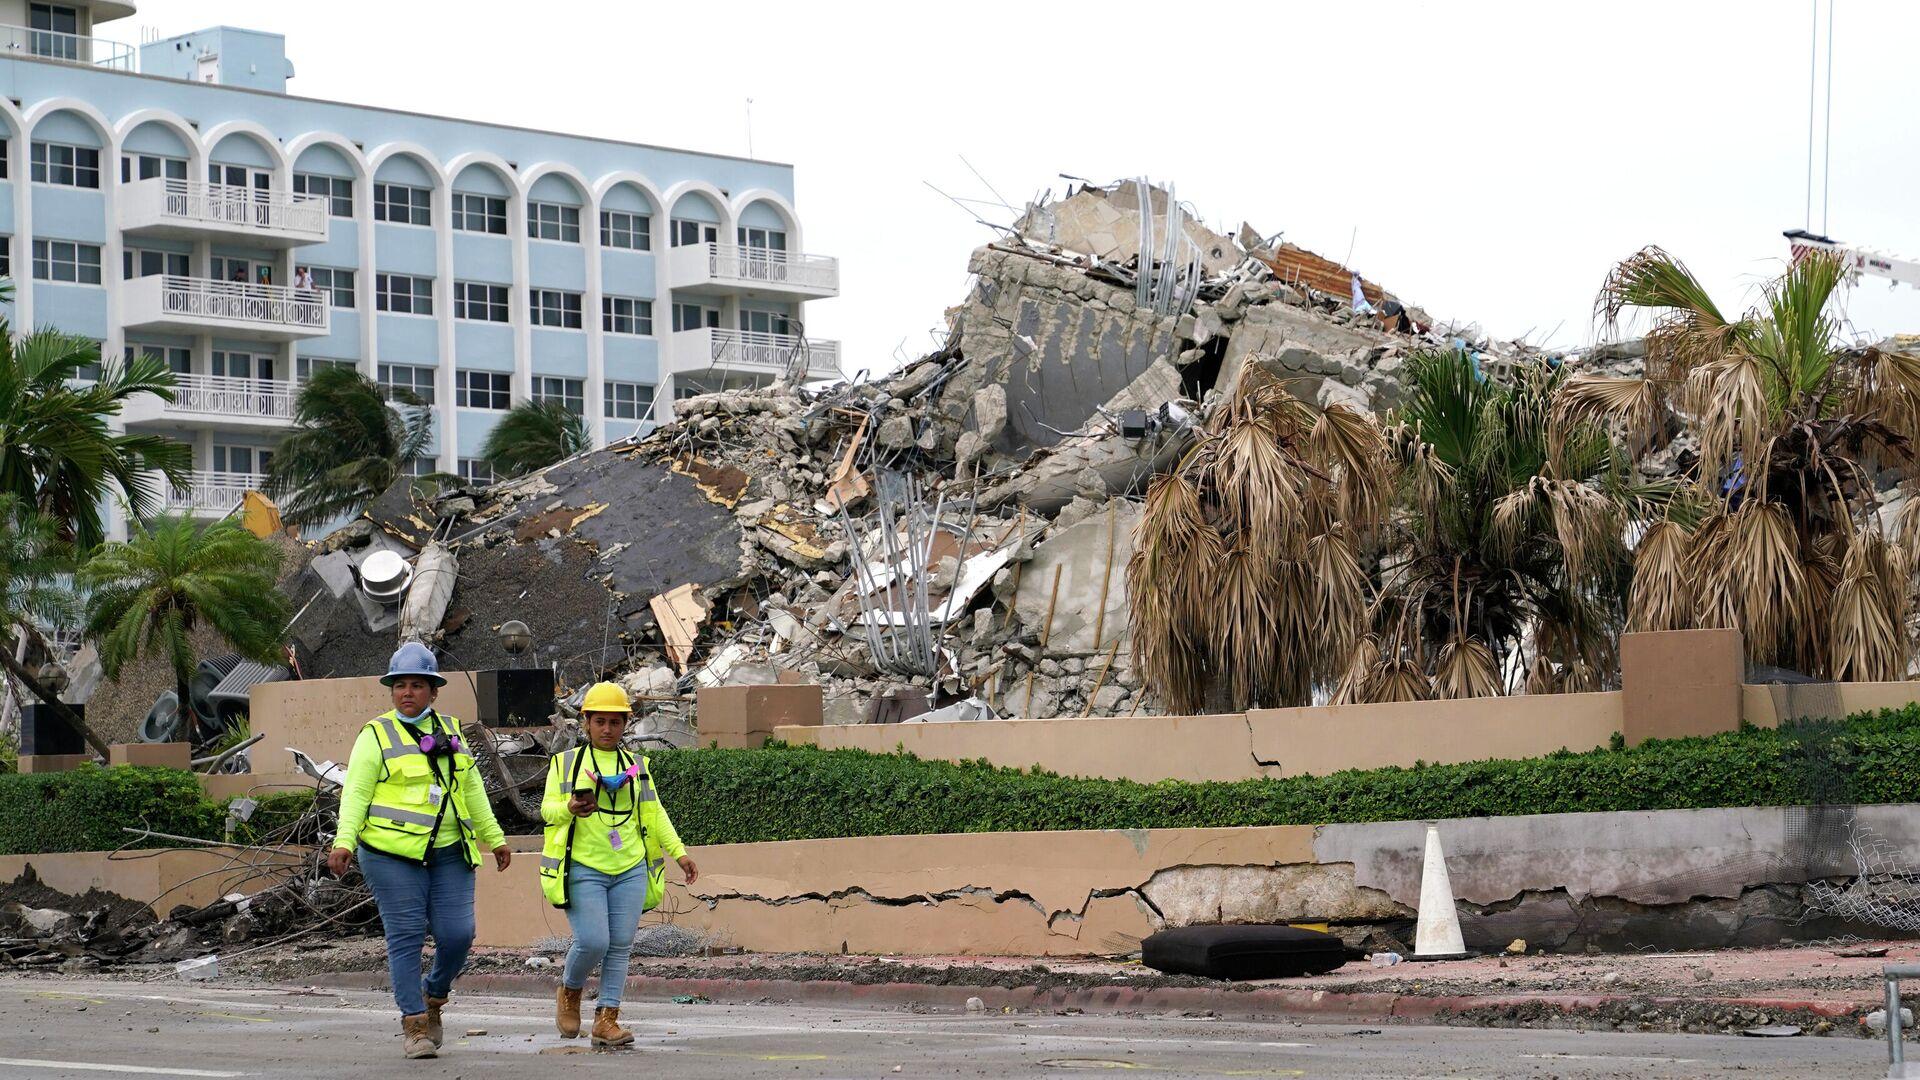 El derrumbe de edificio en Florida, EEUU - Sputnik Mundo, 1920, 08.07.2021